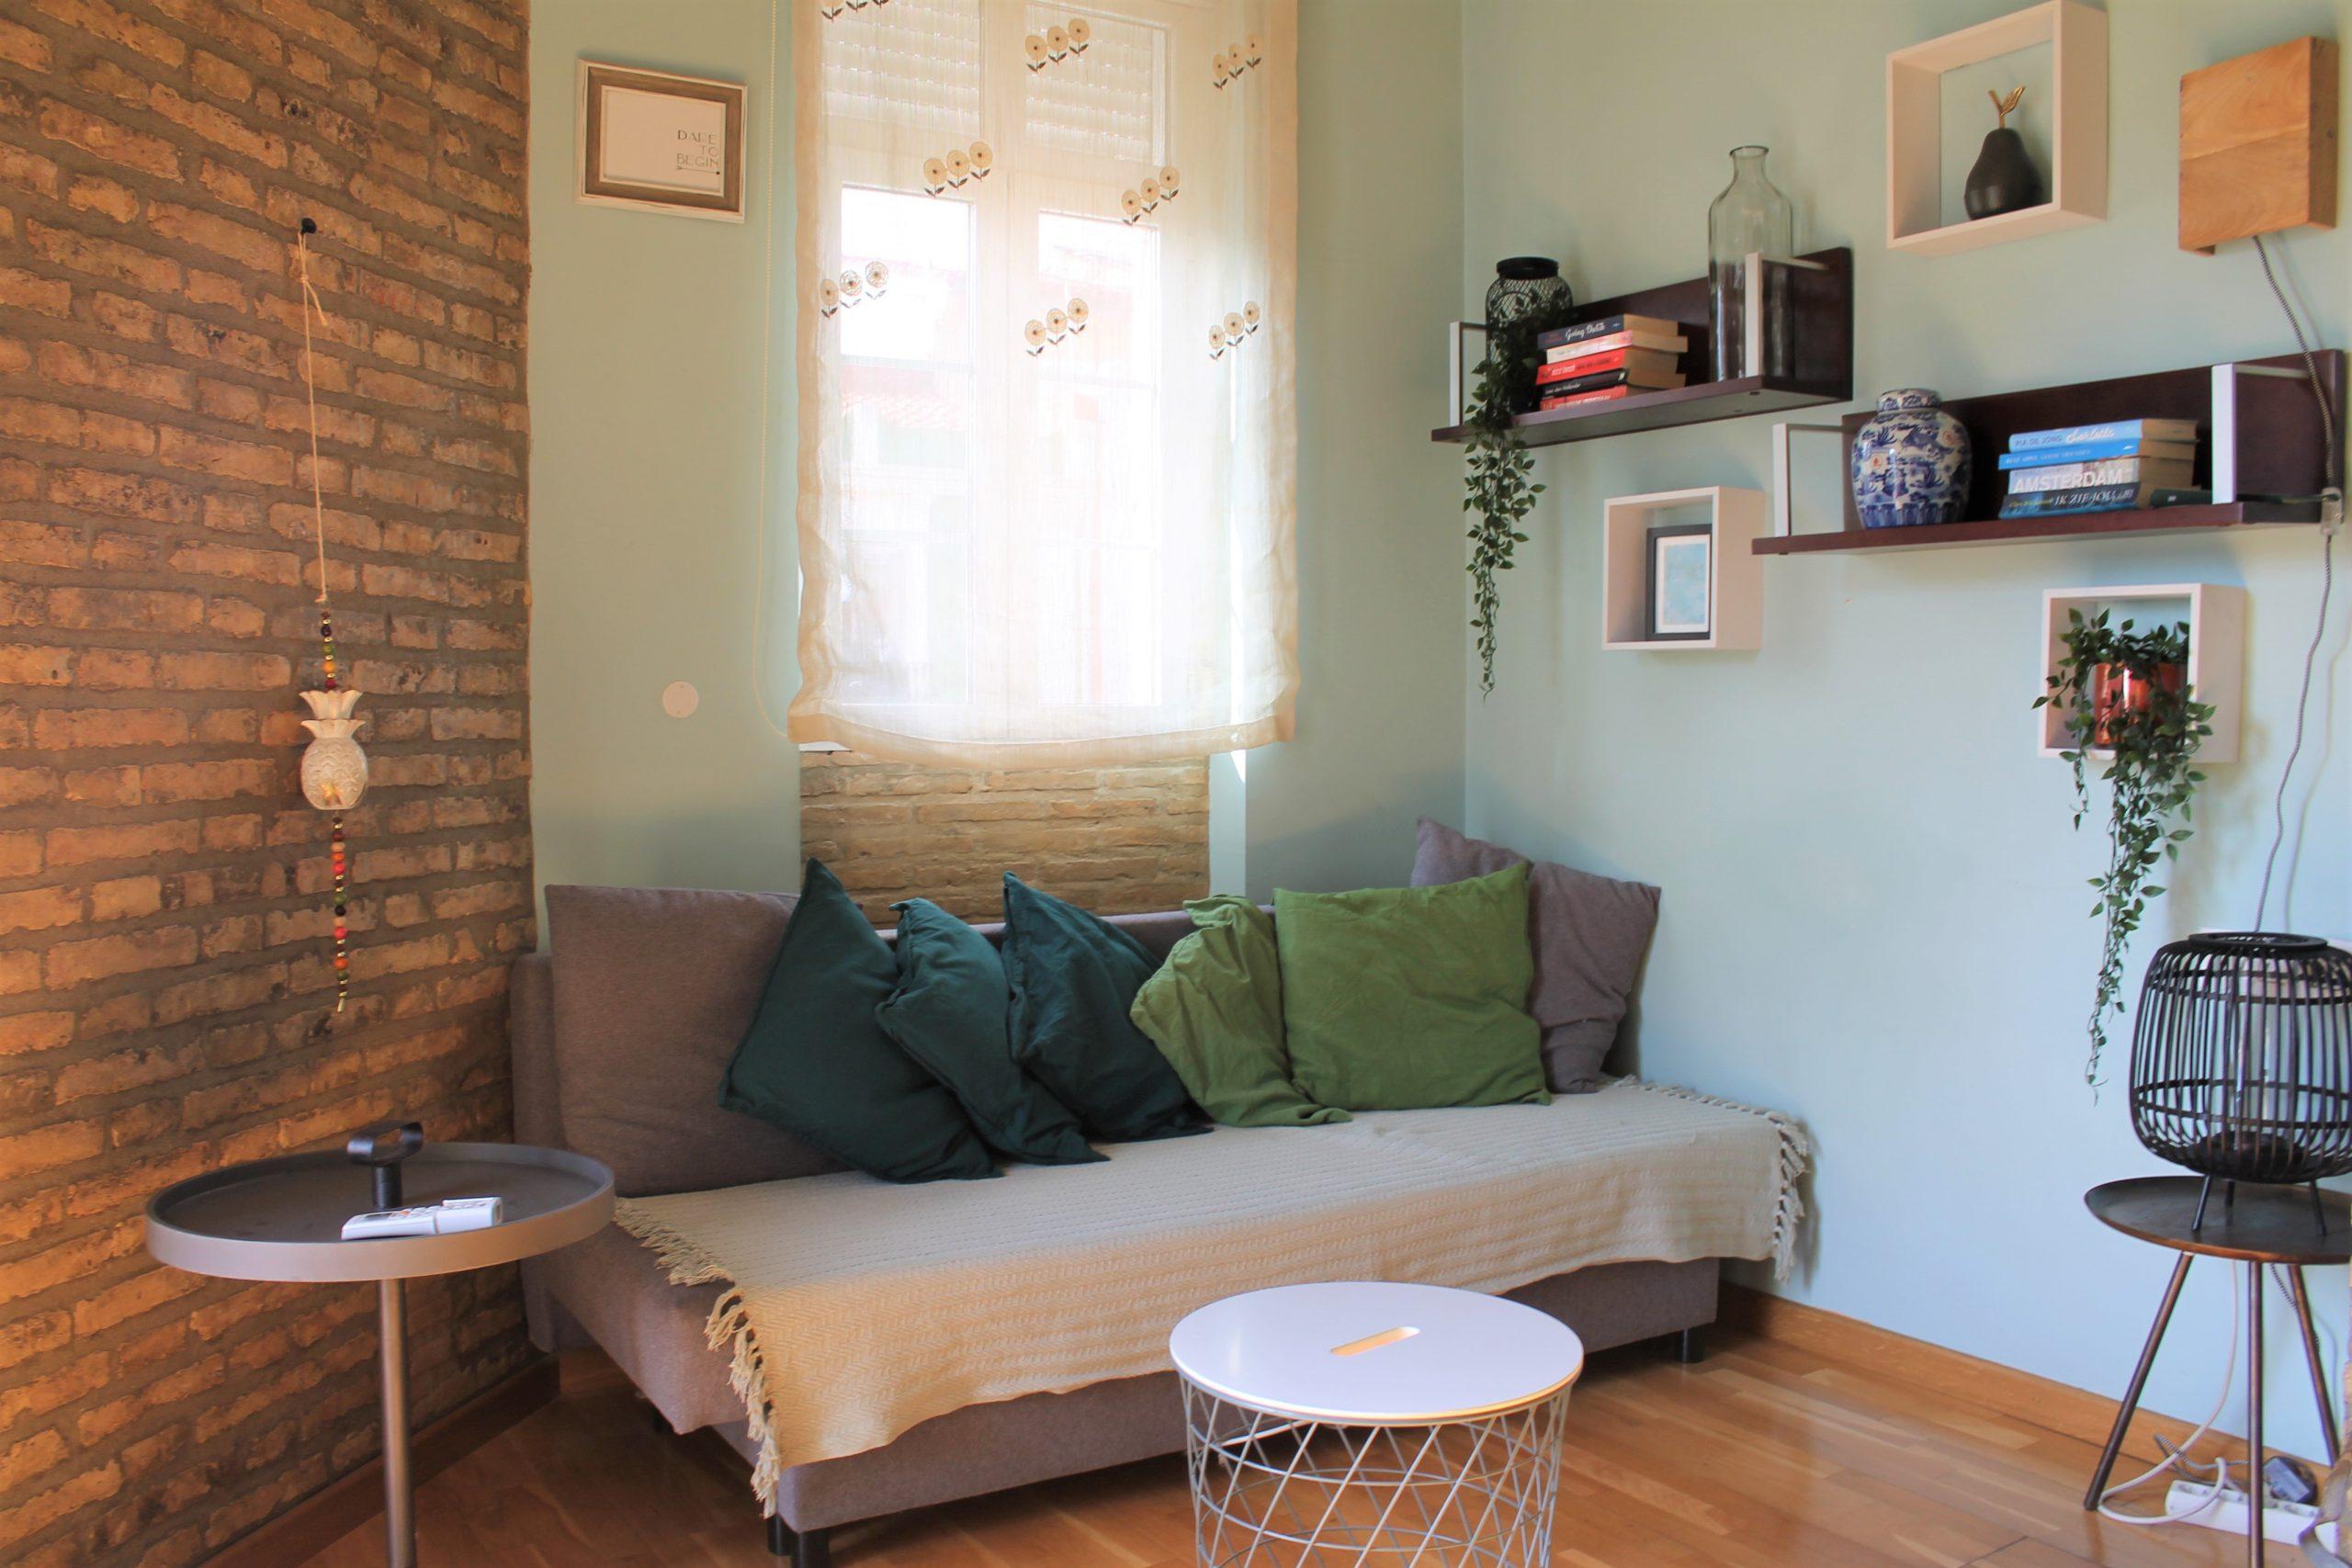 Sueca 30 - Lovely expat flat in Ruzafa, Valencia